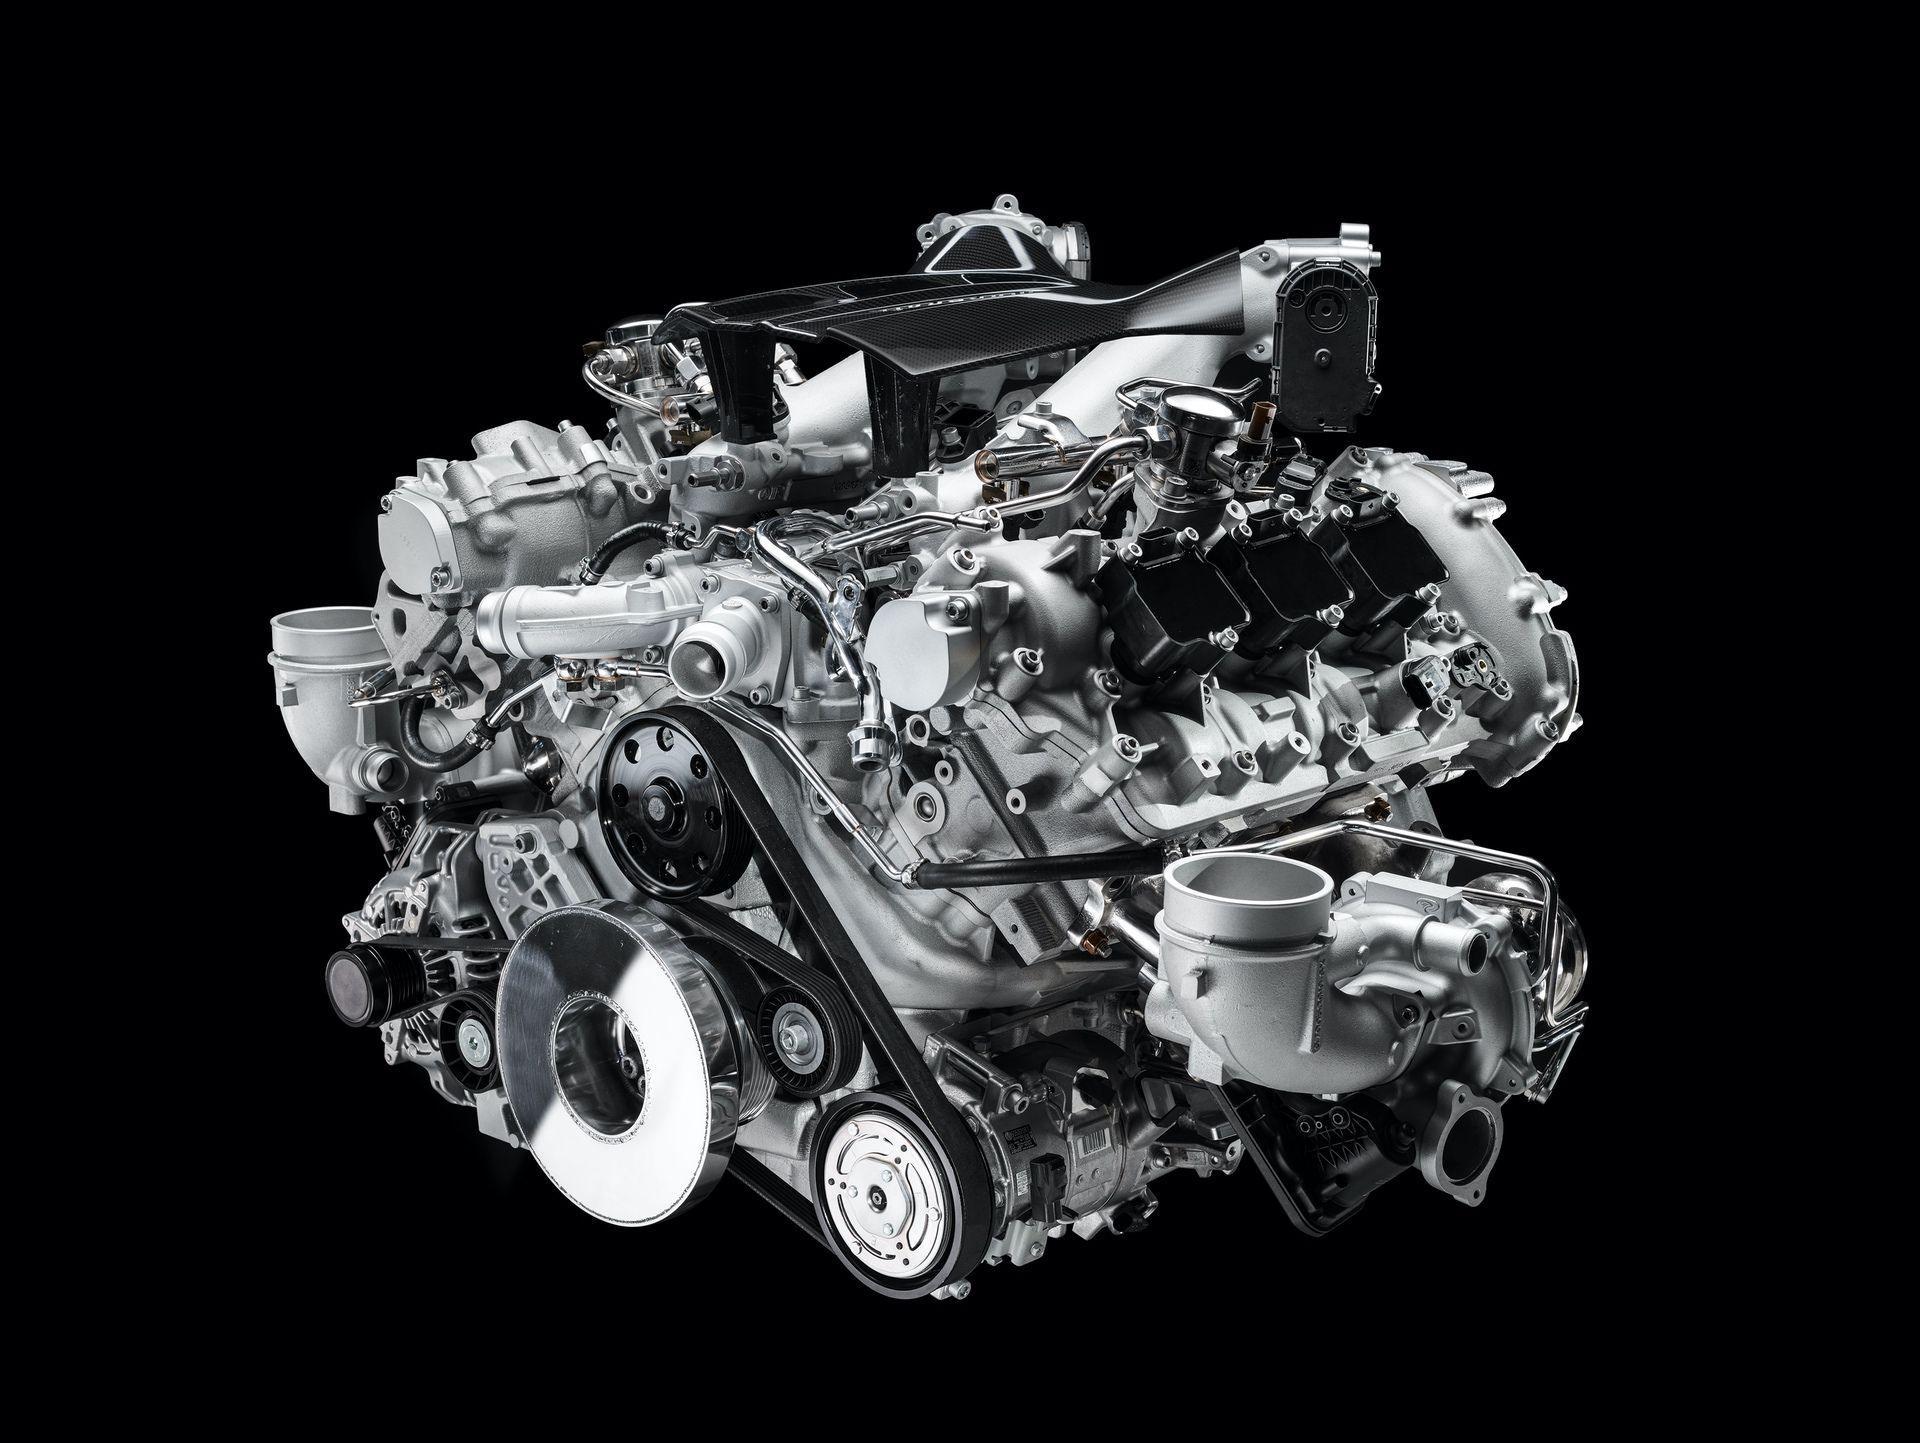 Maserati_Nettuno_engine_0003